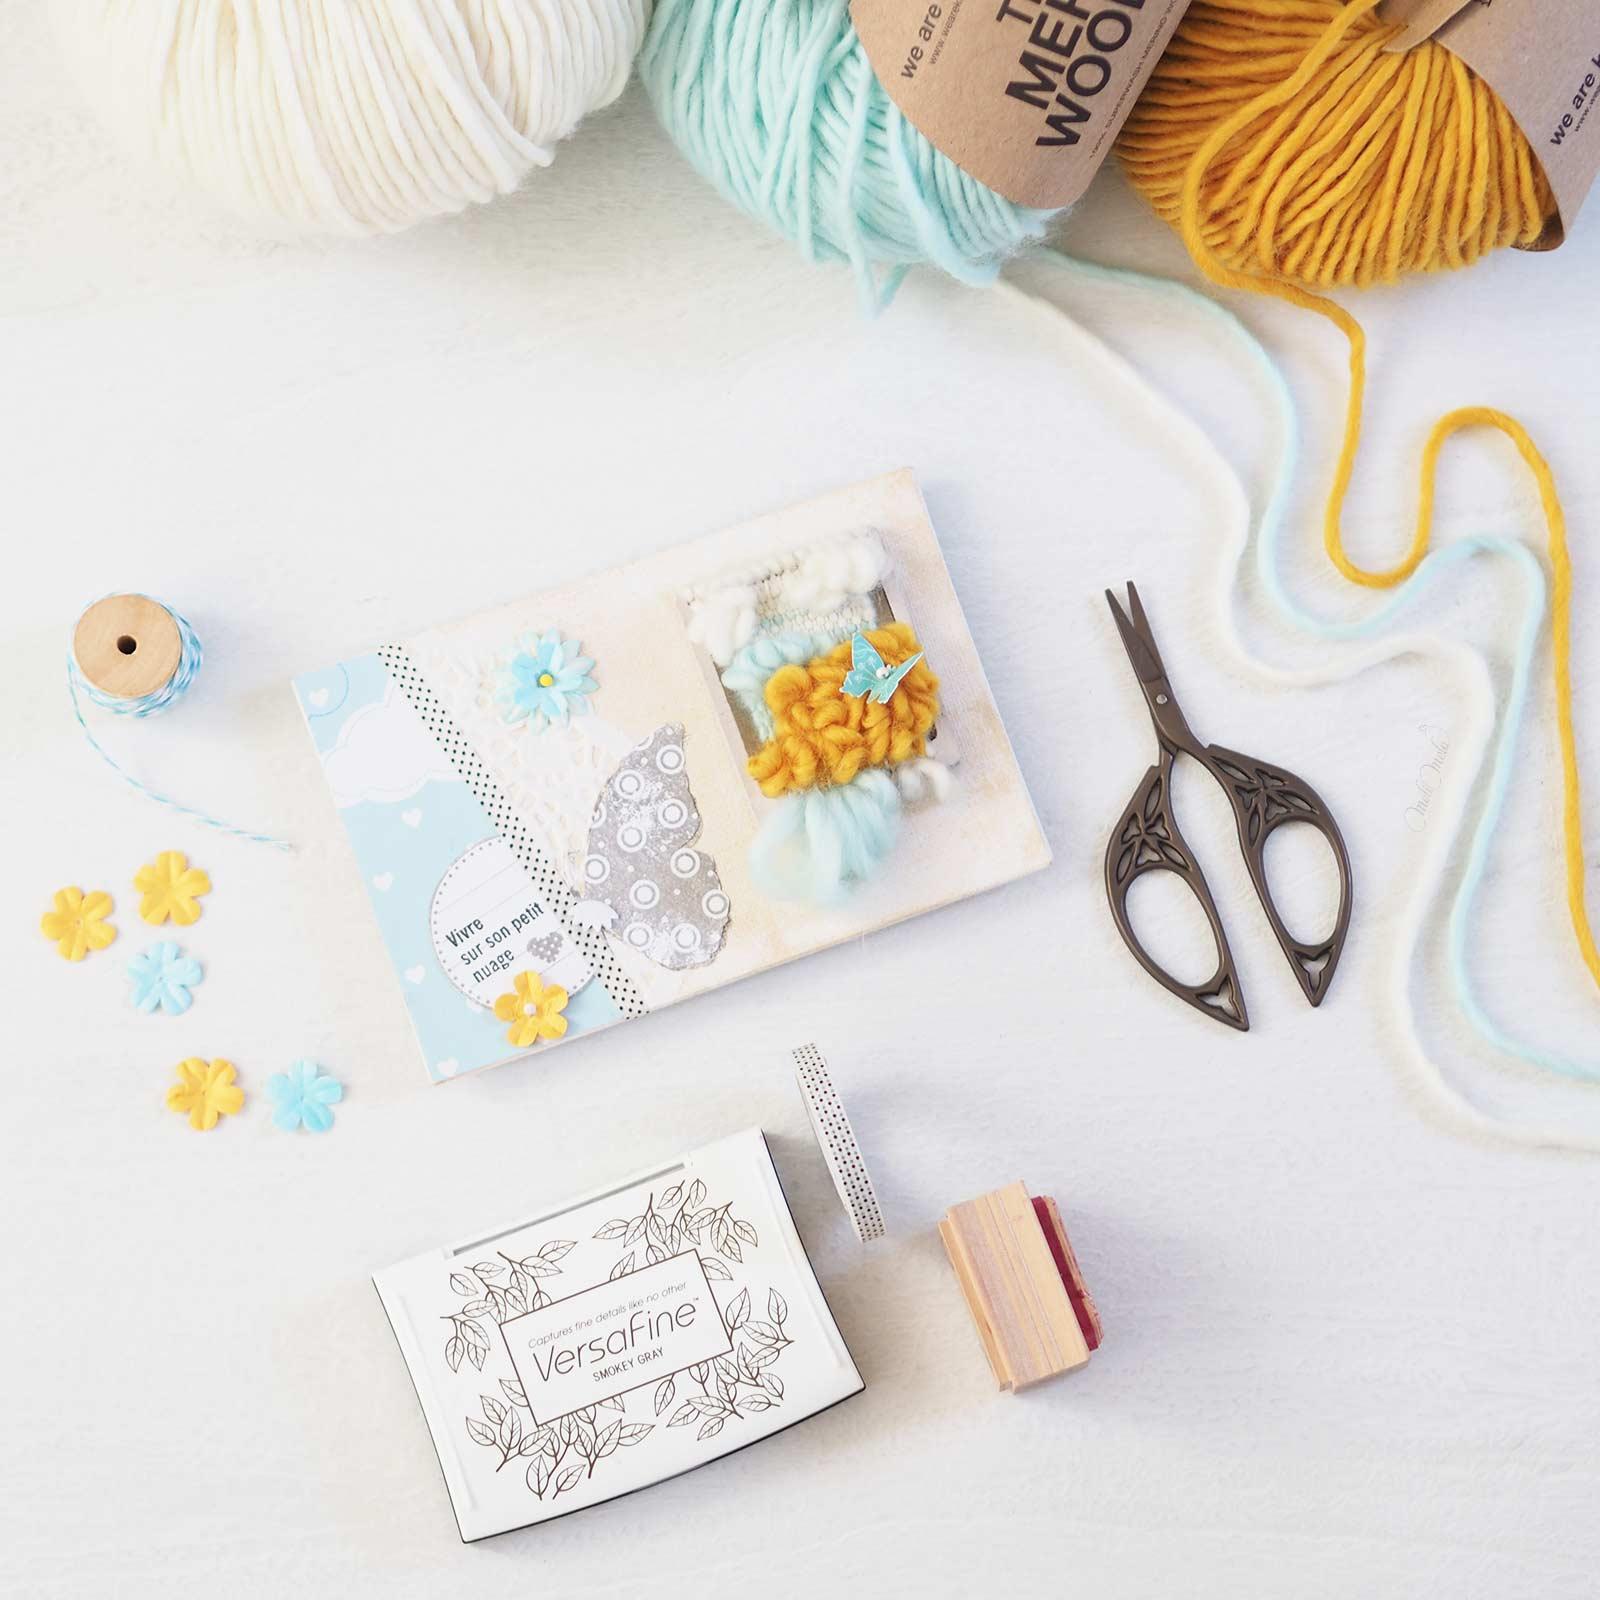 happymail bleu mini-tissage en laine merinos weareknitters carte postale crafts scrapbooking weareknitters The Meri Wool laboutiquedemelimelo